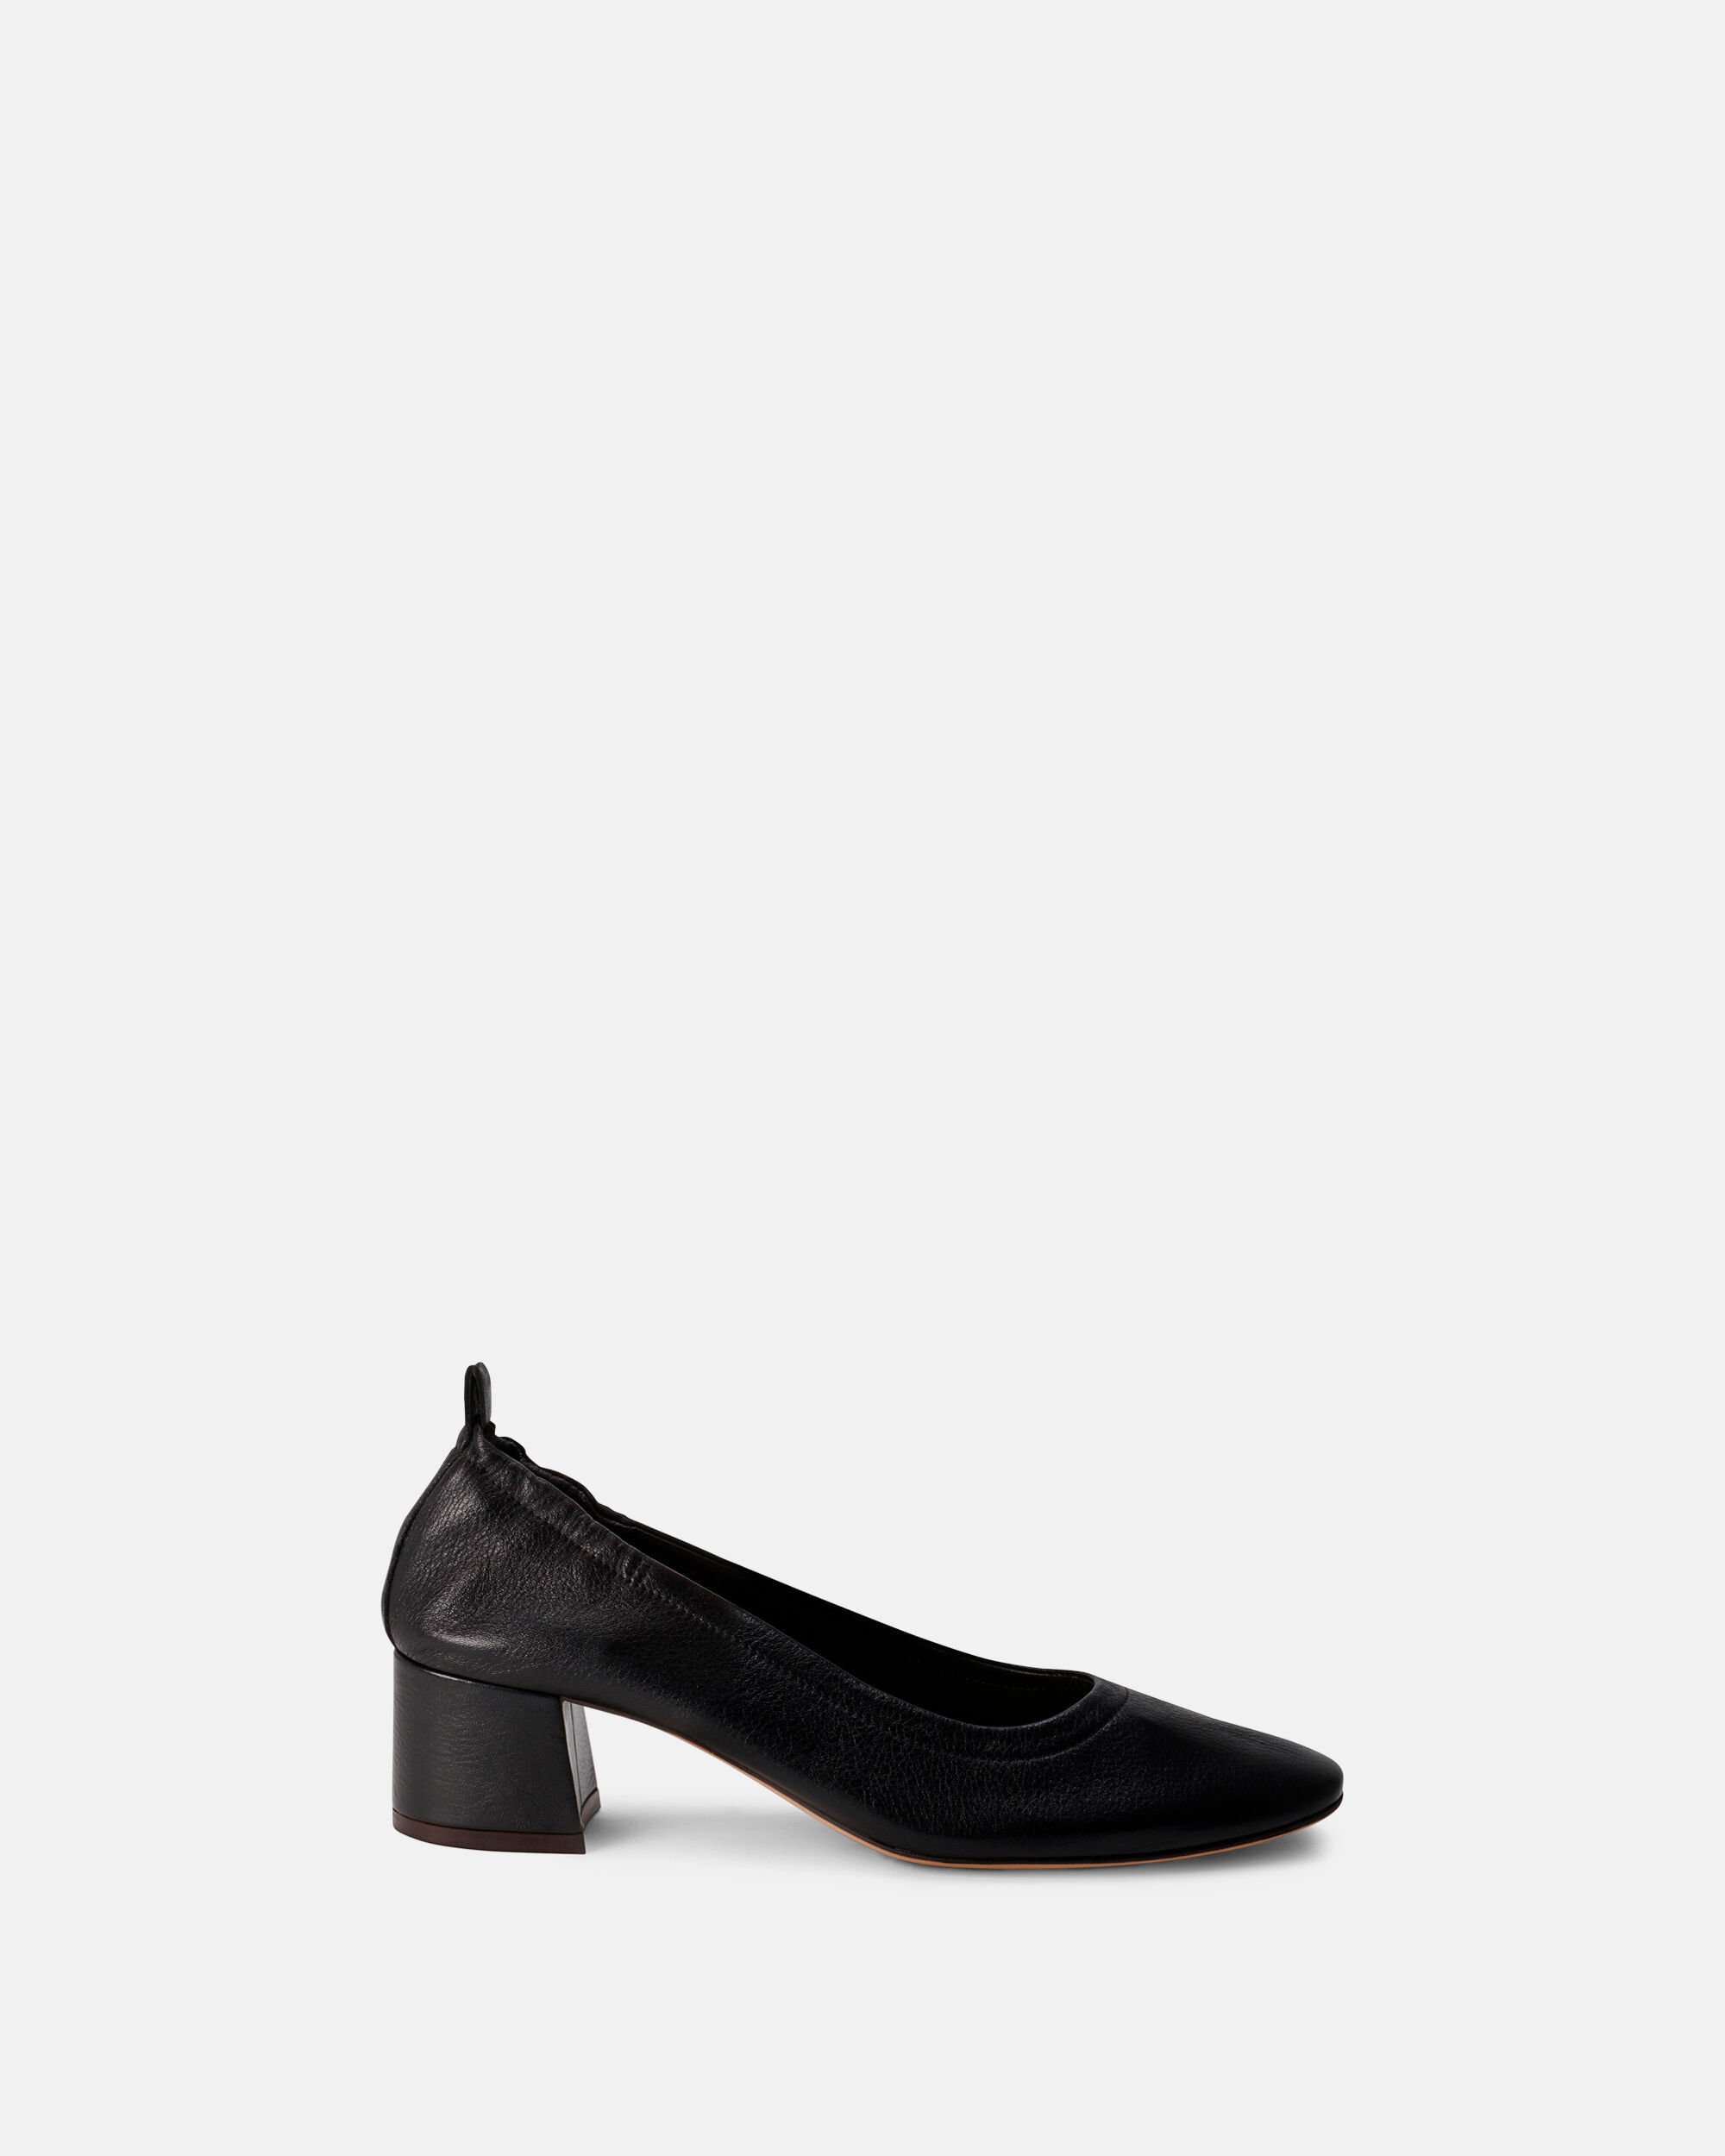 Ballerine Femme et chaussures slippers femme Minelli